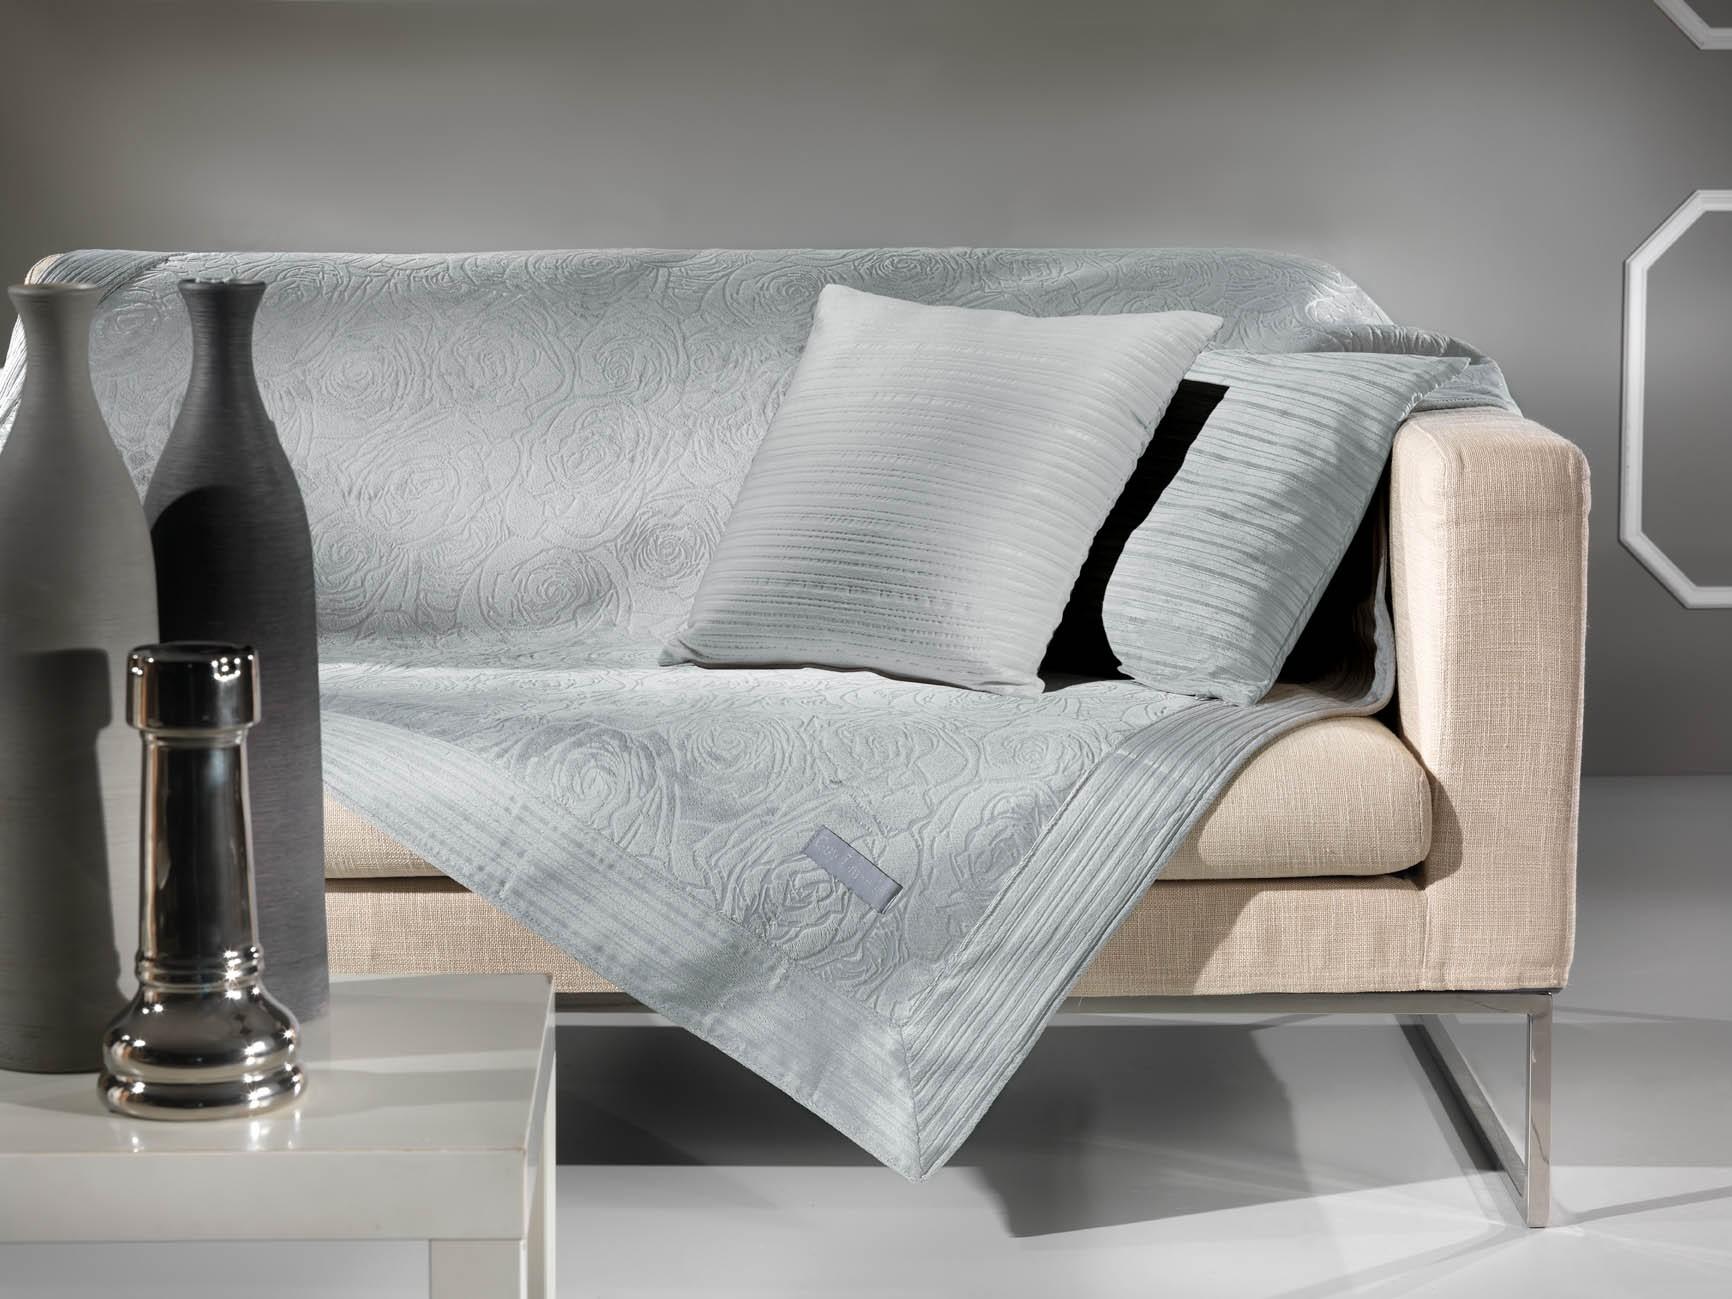 Ριχτάρι Πολυθρόνας (170x150) Guy Laroche Capsule Silver